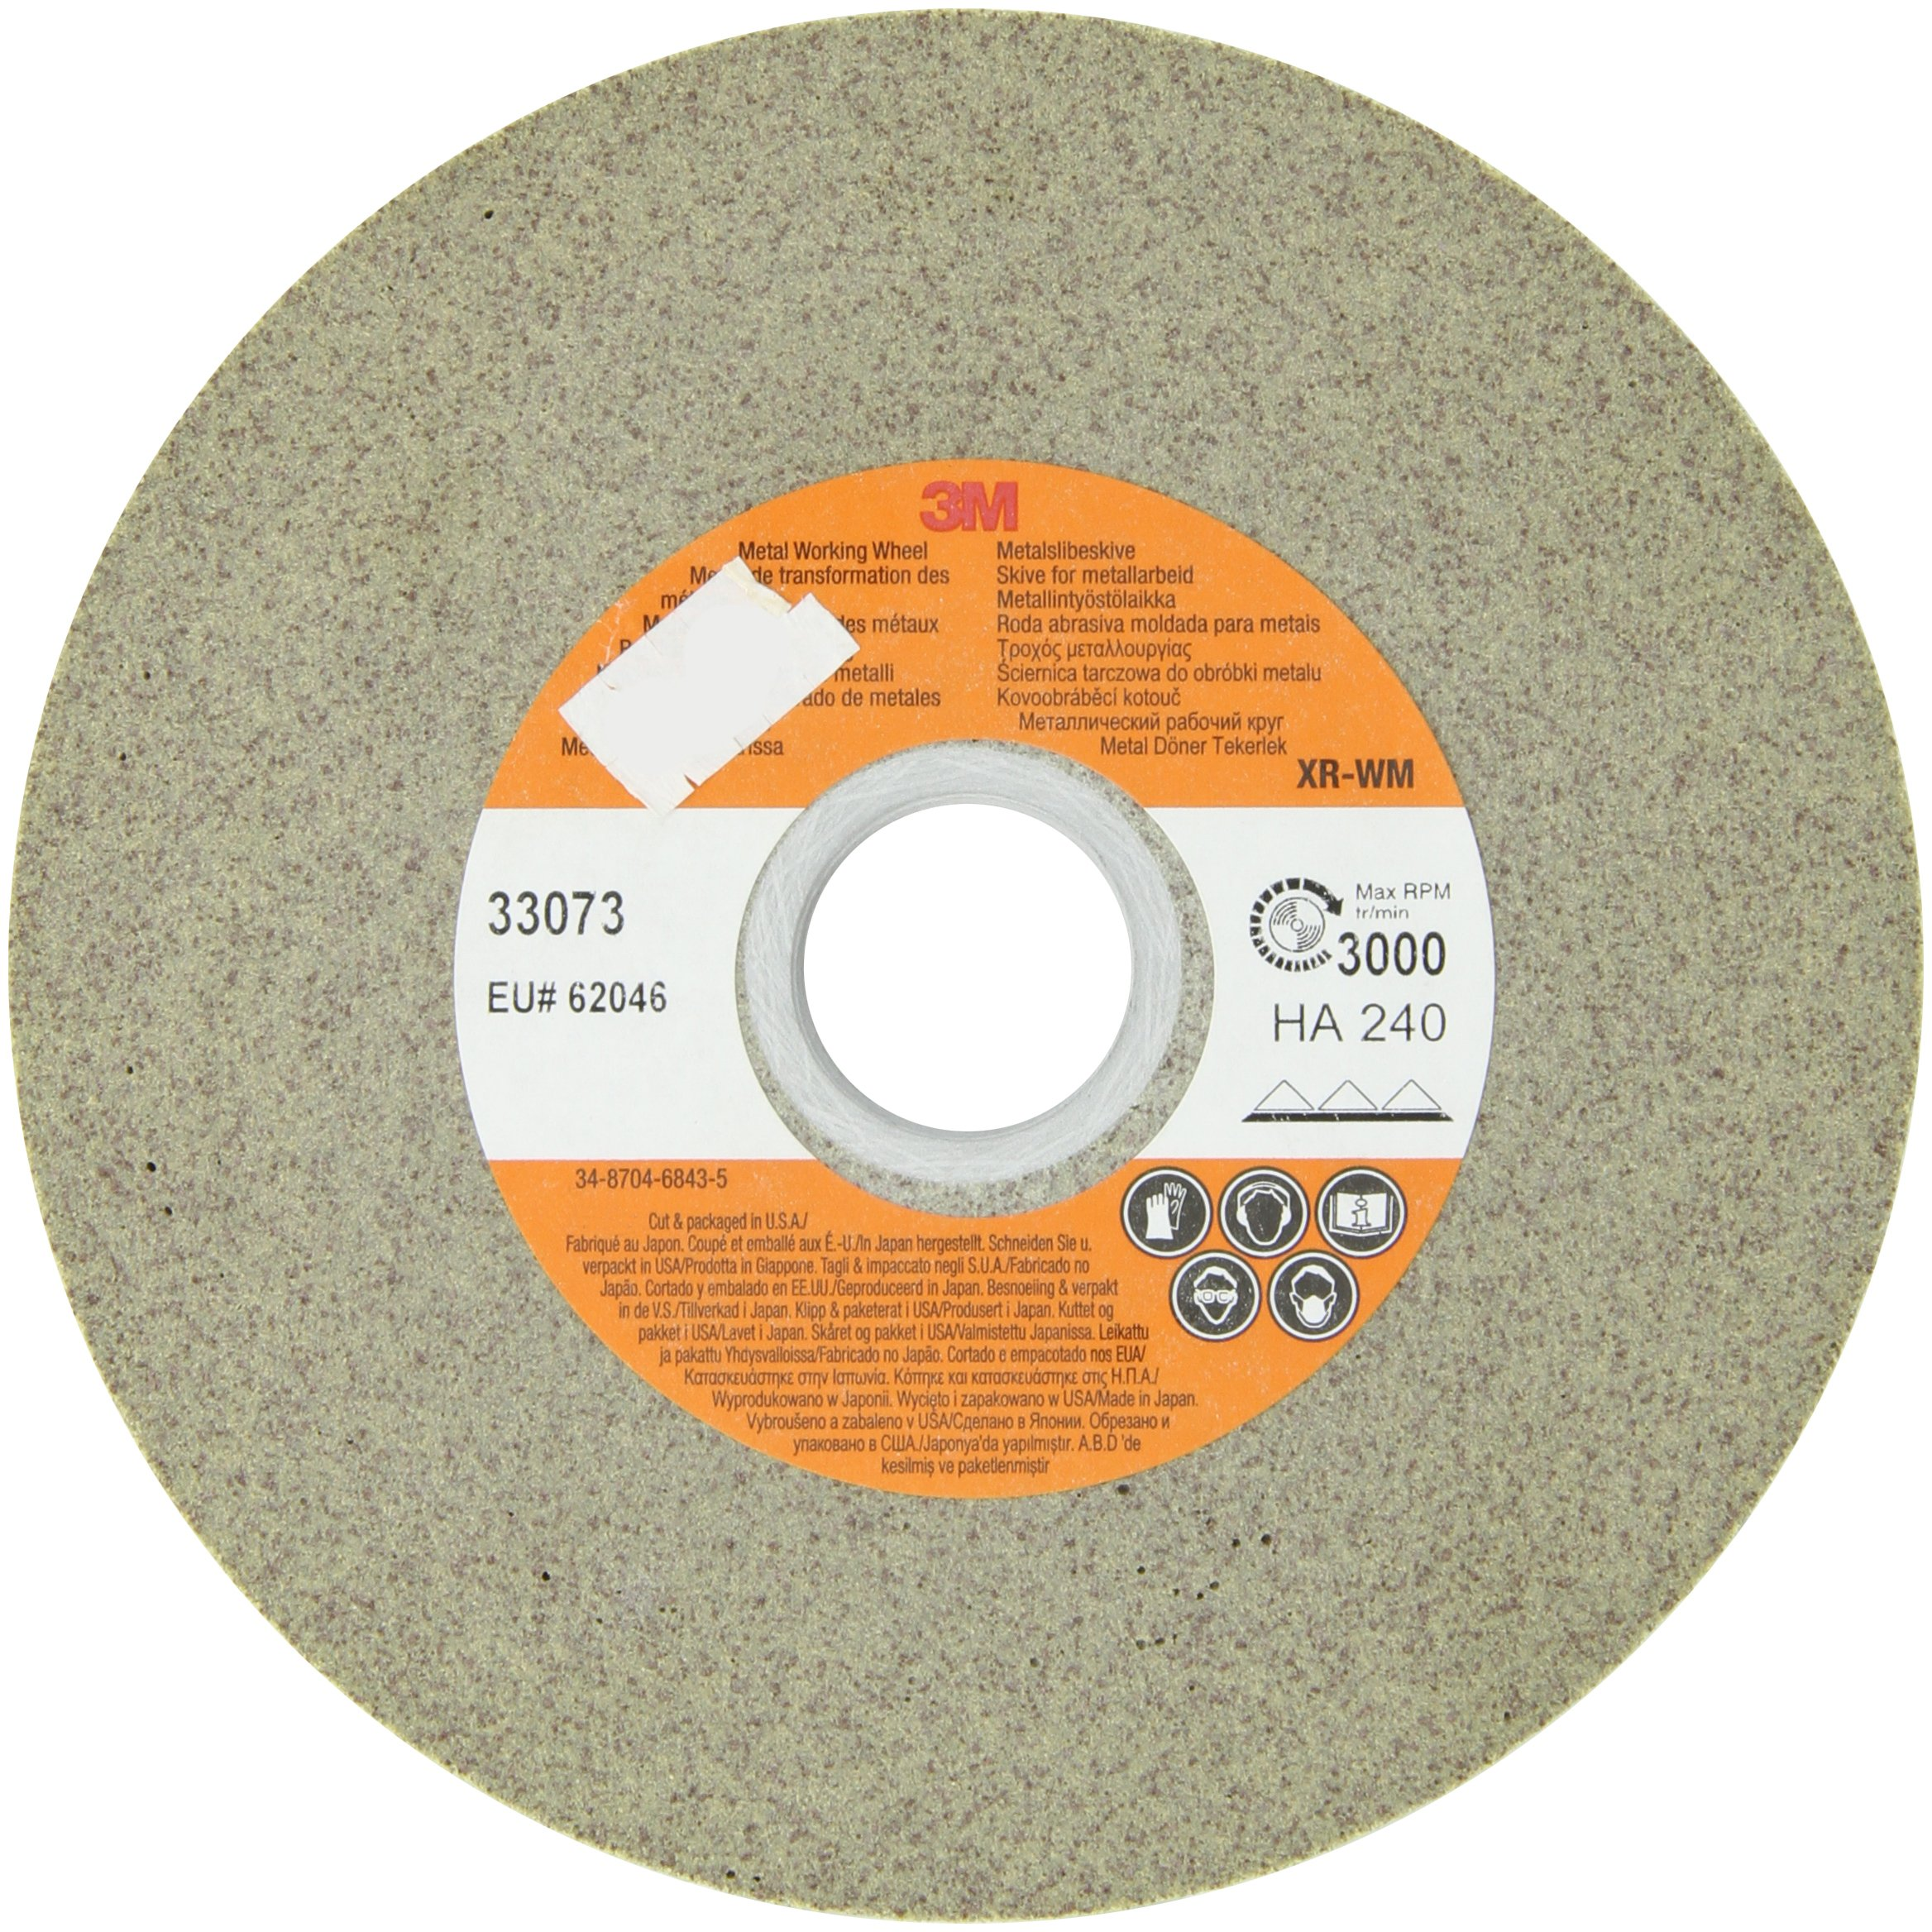 3M XR Molded Wheel, Aluminum Oxide, 3600 rpm, 6 '' Diameter, 1'' Arbor, HA 240 Grit (Pack of 1)